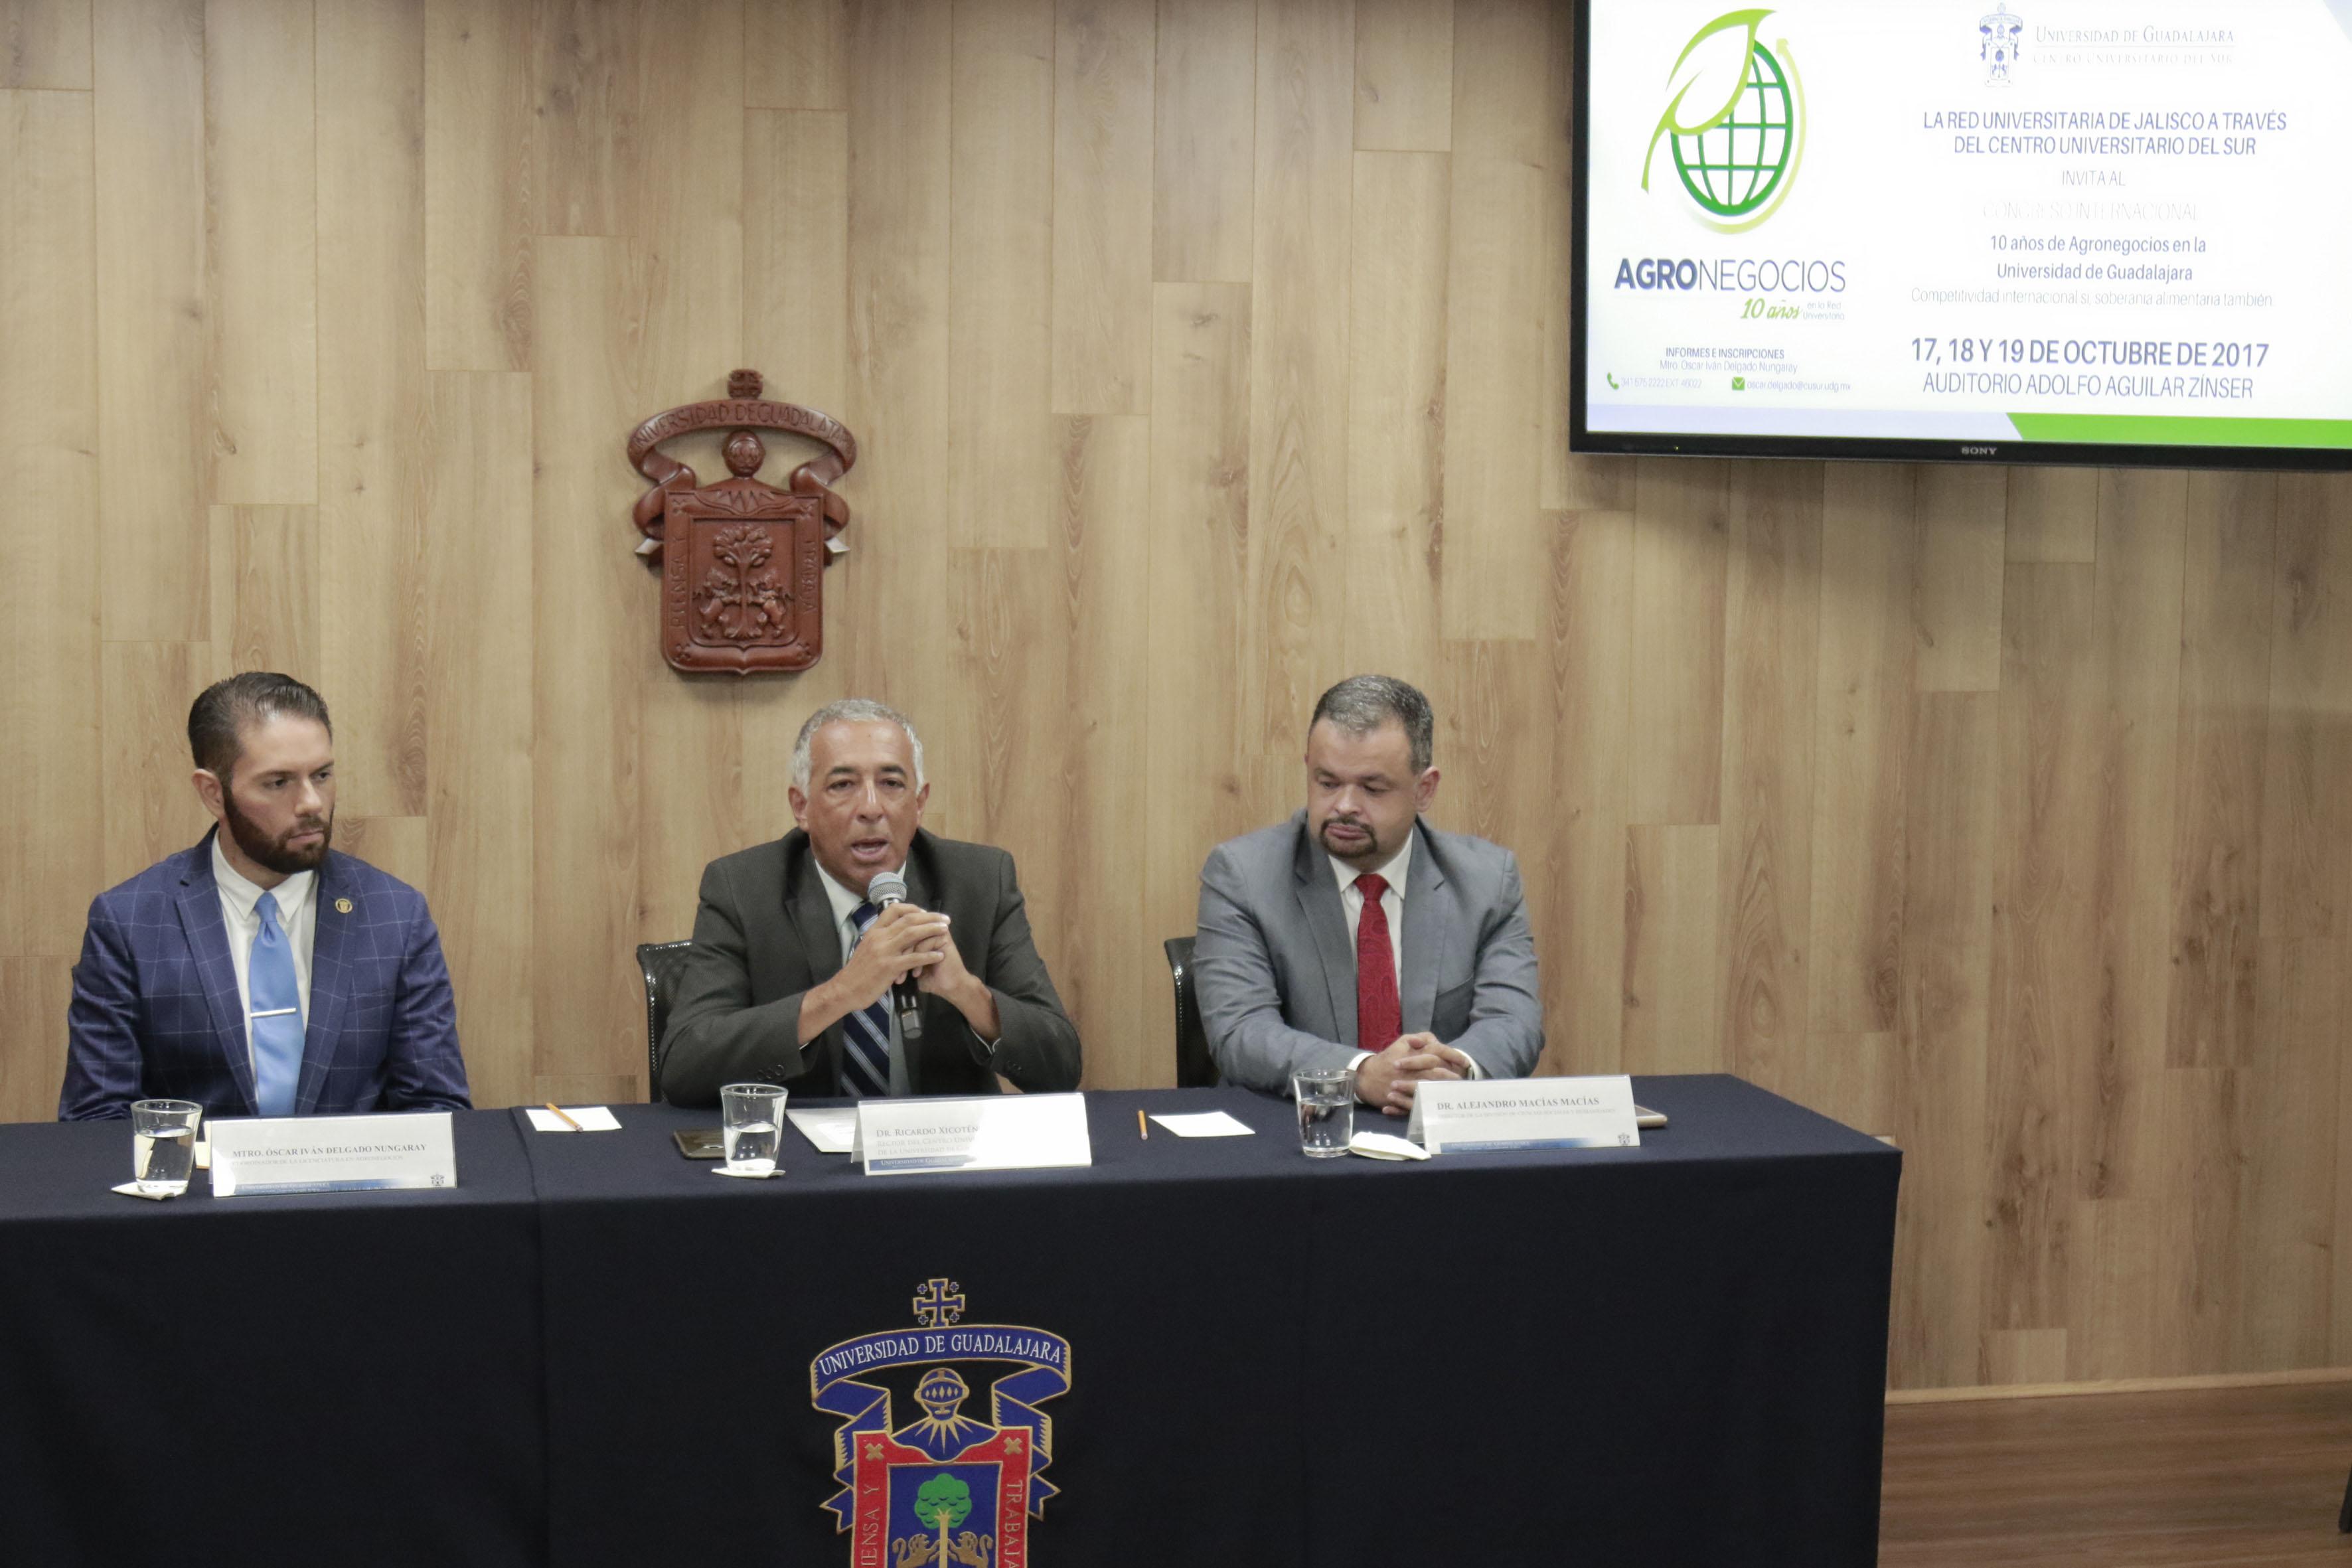 Dr. Ricardo Xicoténcatl García Cauzor, rector del CUSUR, haciendo uso de la palabra. A su lado izquierdo el Dr. Alejandro Macías Macías y a su lado derecho el Mtro. Óscar Iván Delgado Nungaray